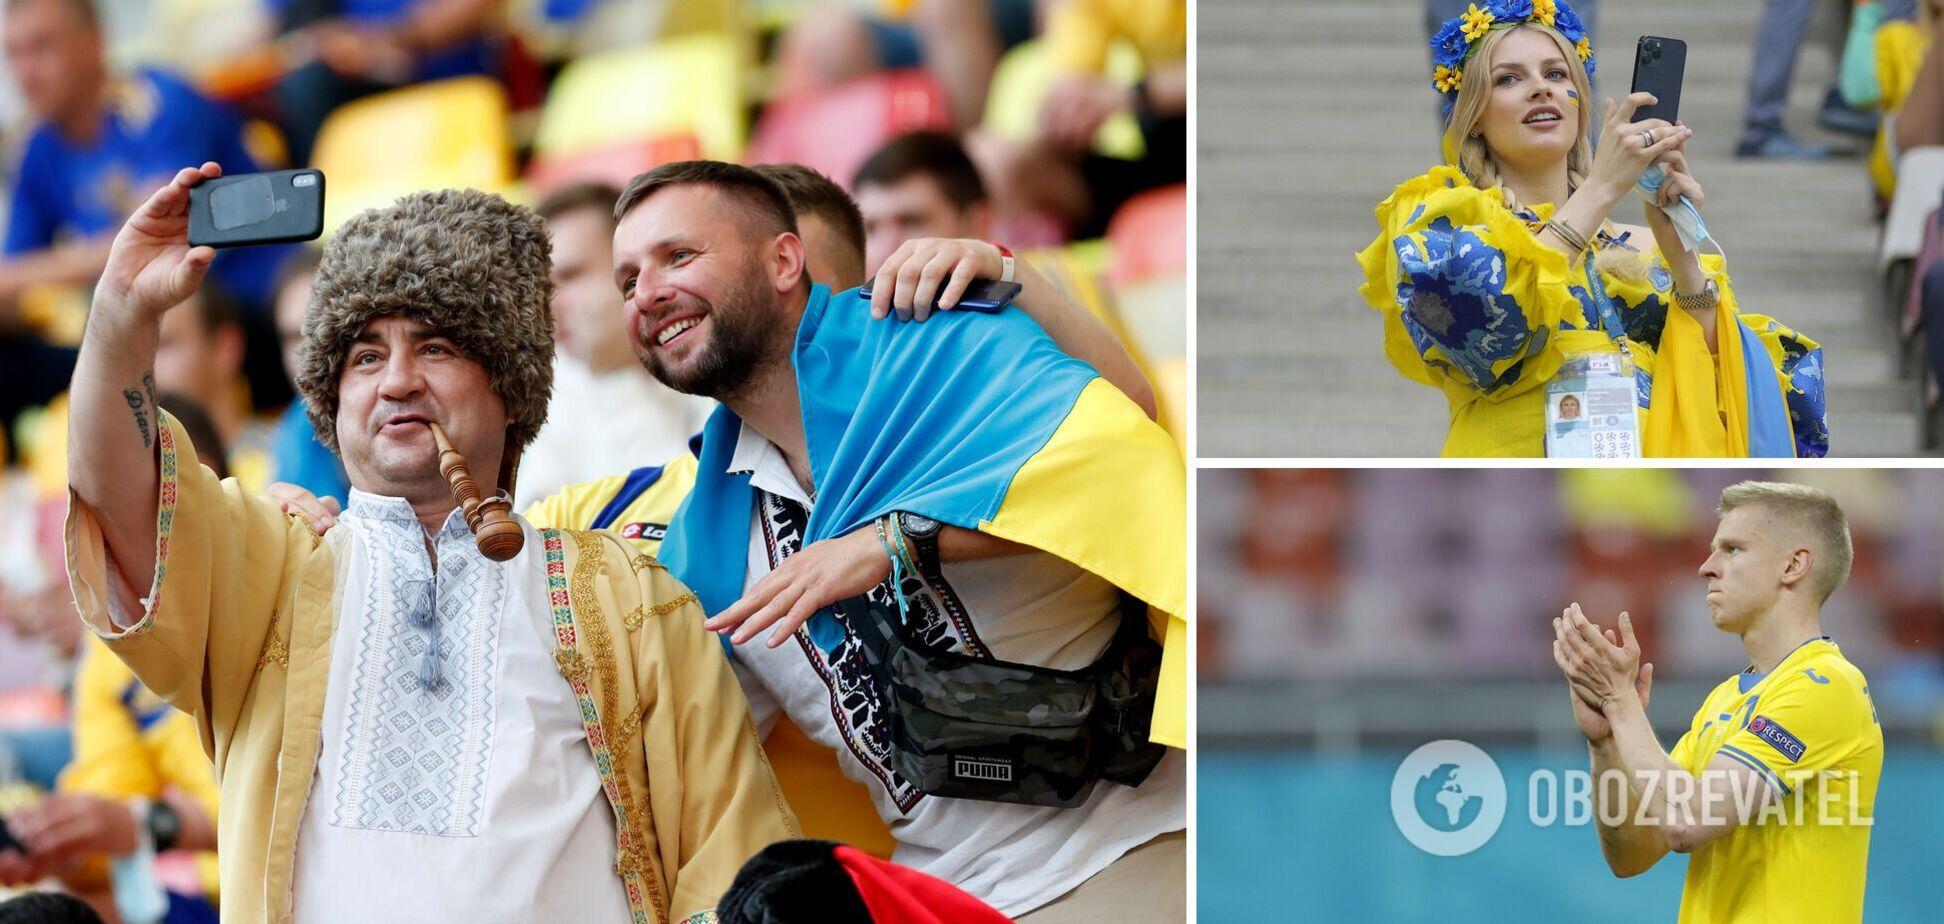 Реакция соцсетей на сборную Украины